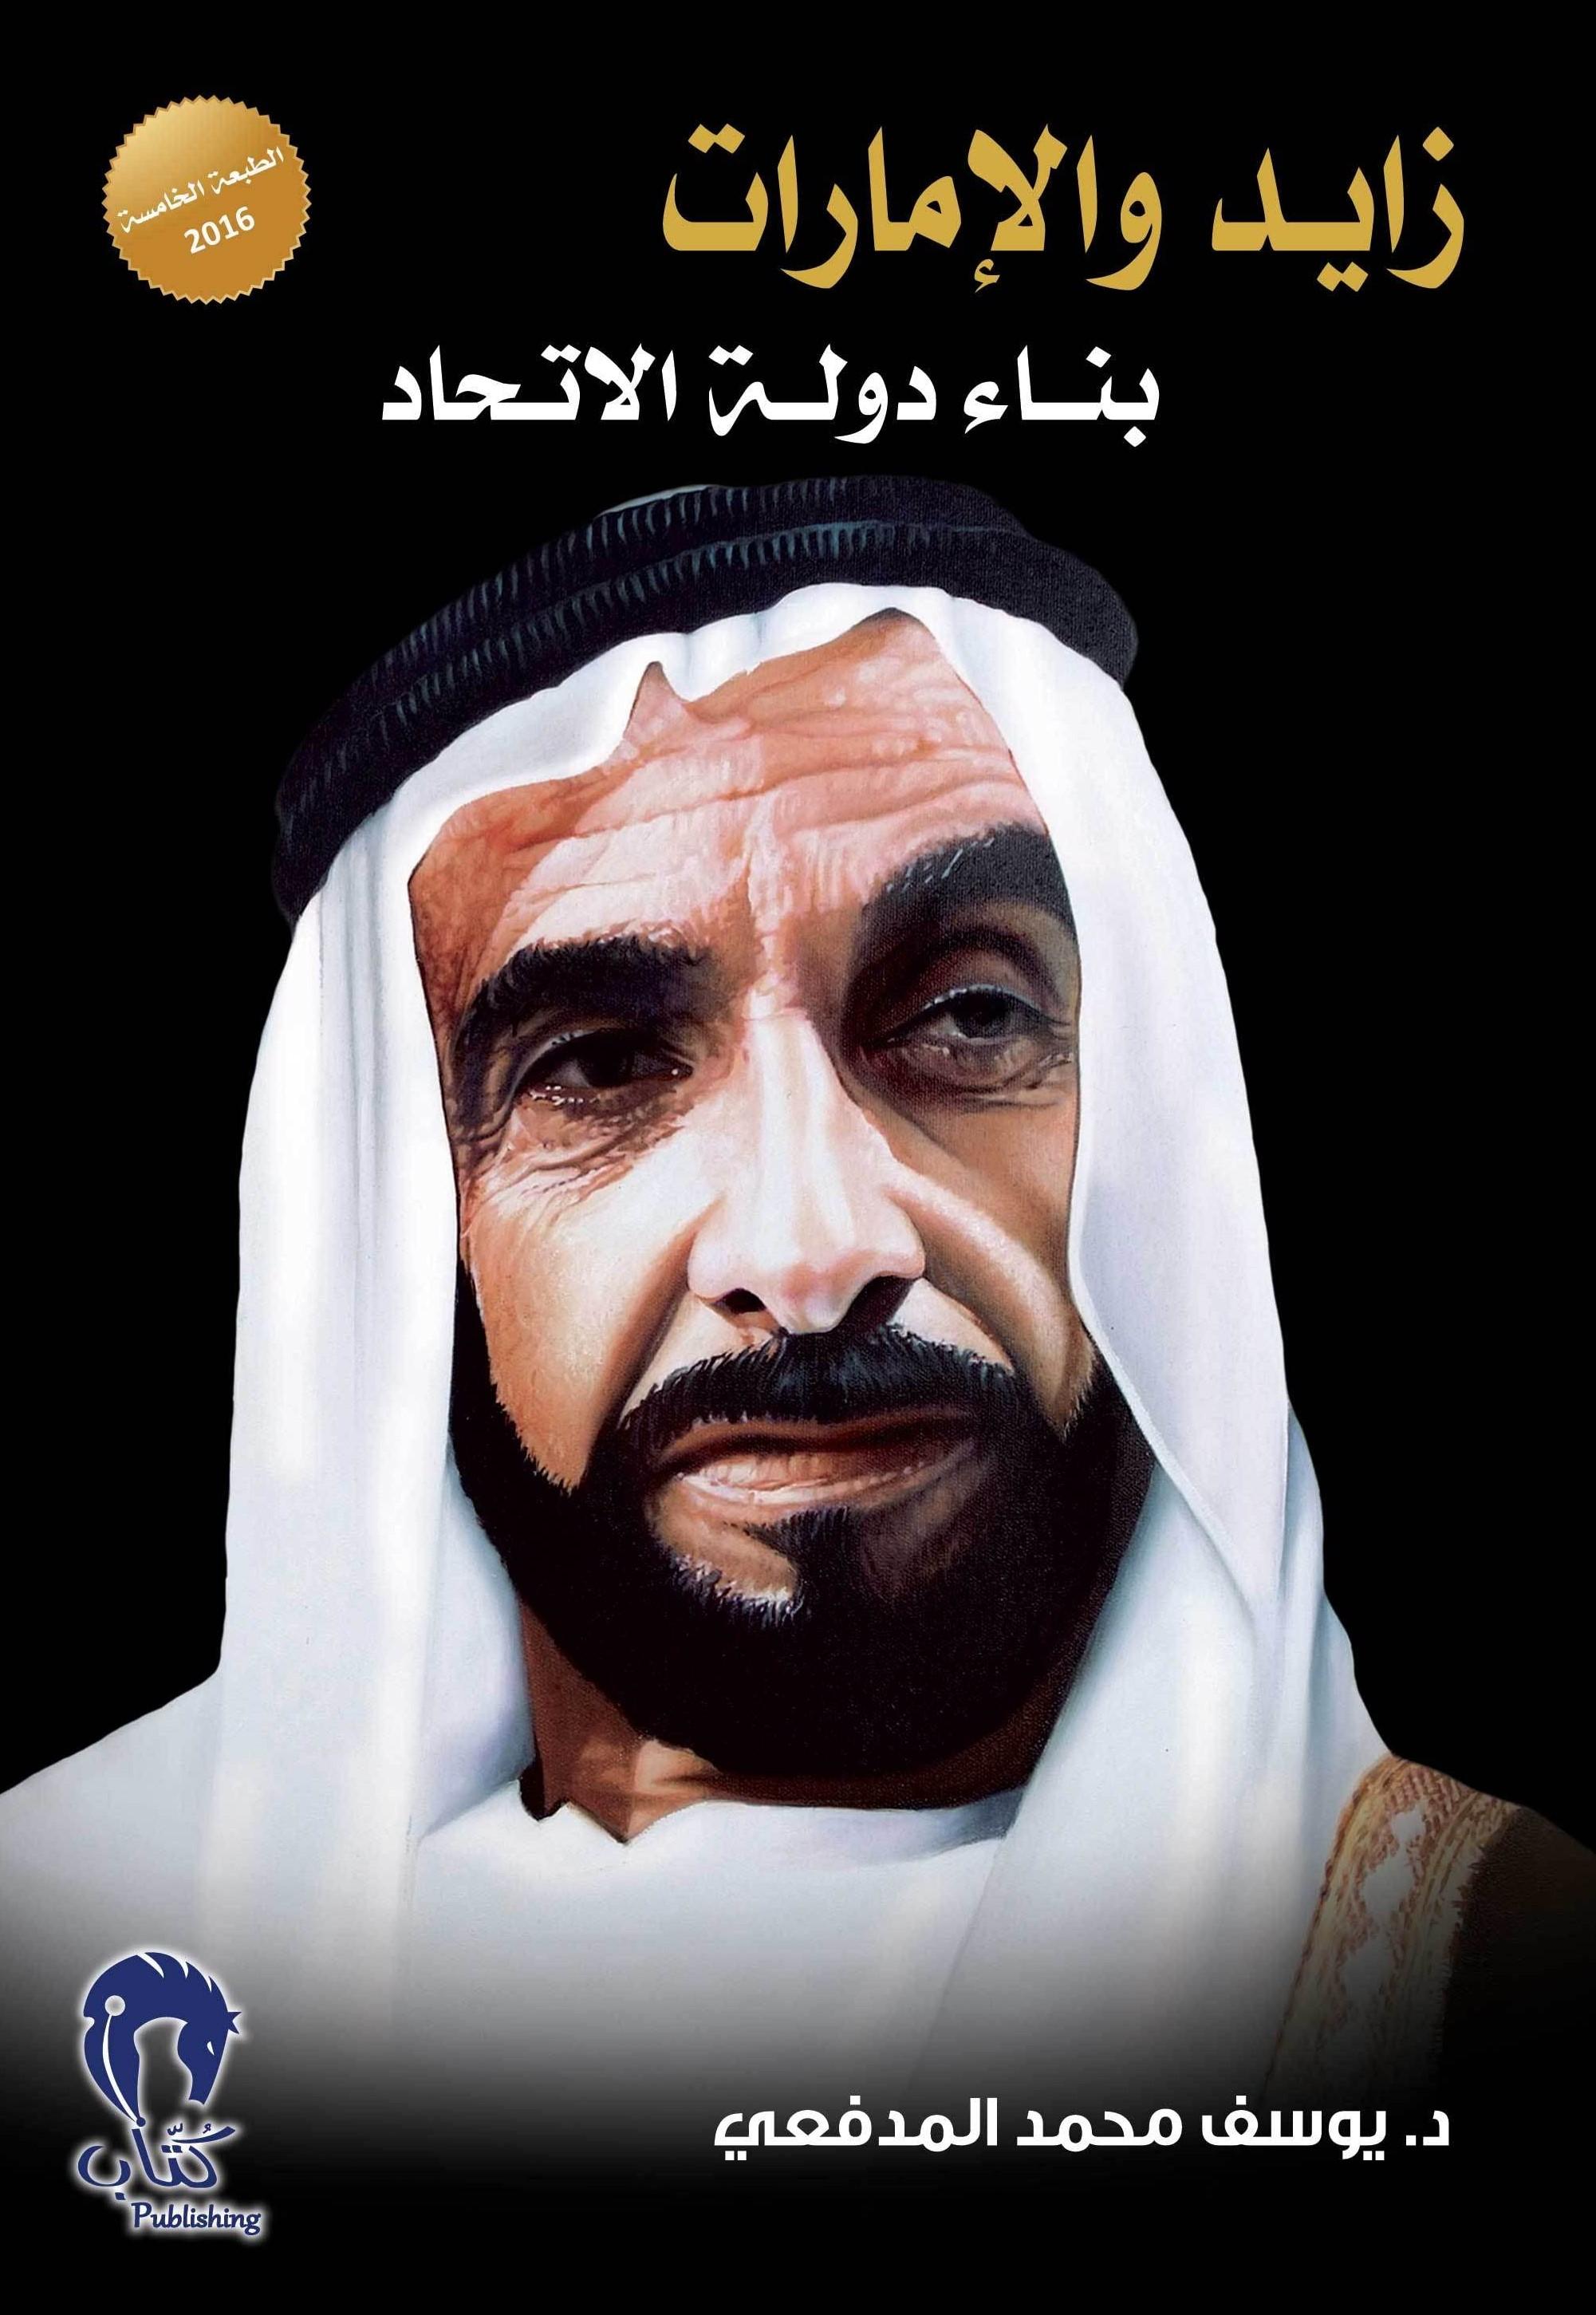 زايد-والإمارات-بناء-دولة-الإمارات